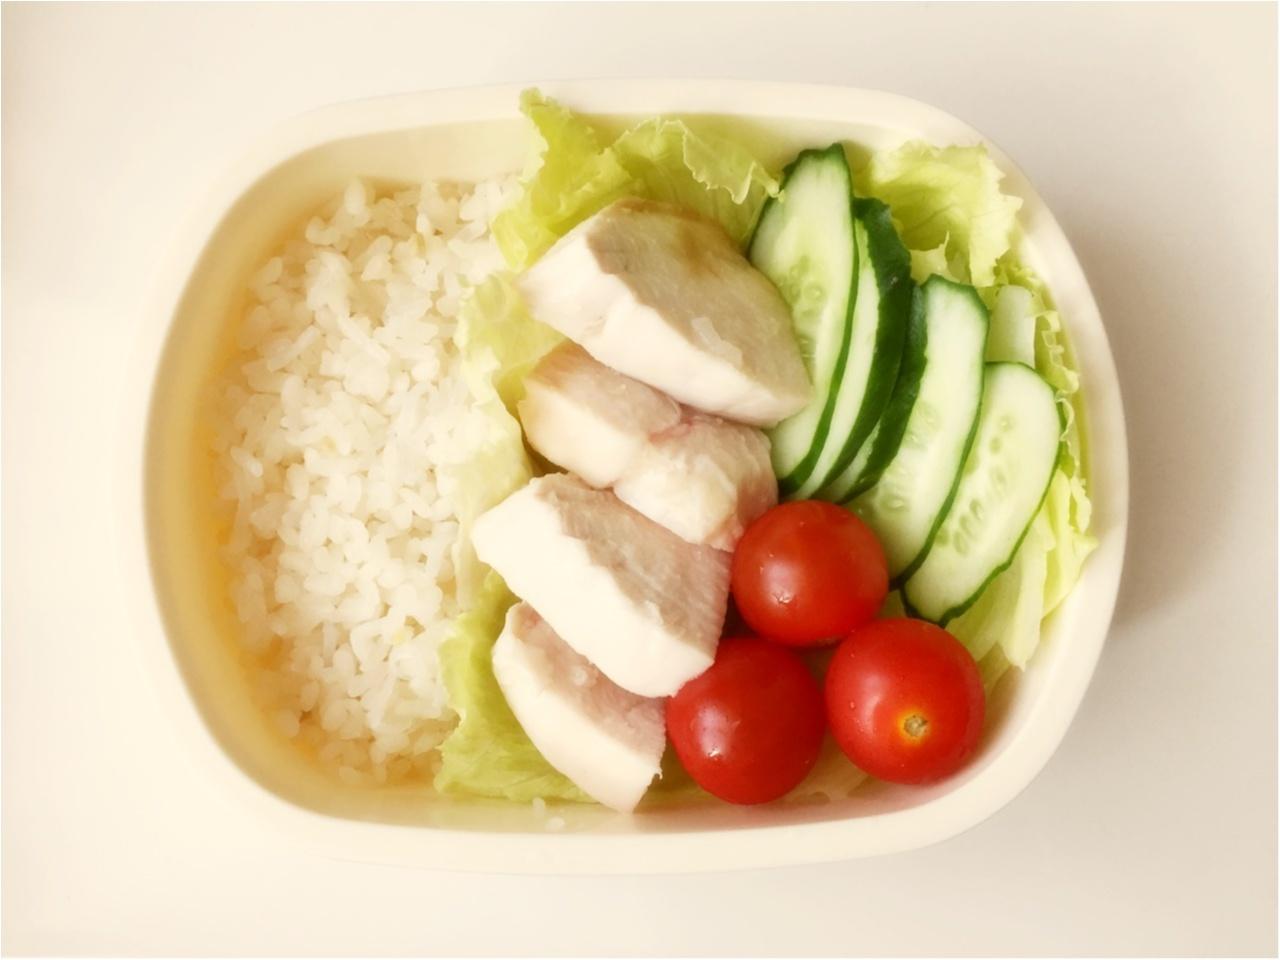 シンガポールチキンライスを作ってみました!使えるおすすめ食器も紹介しています♡*_2